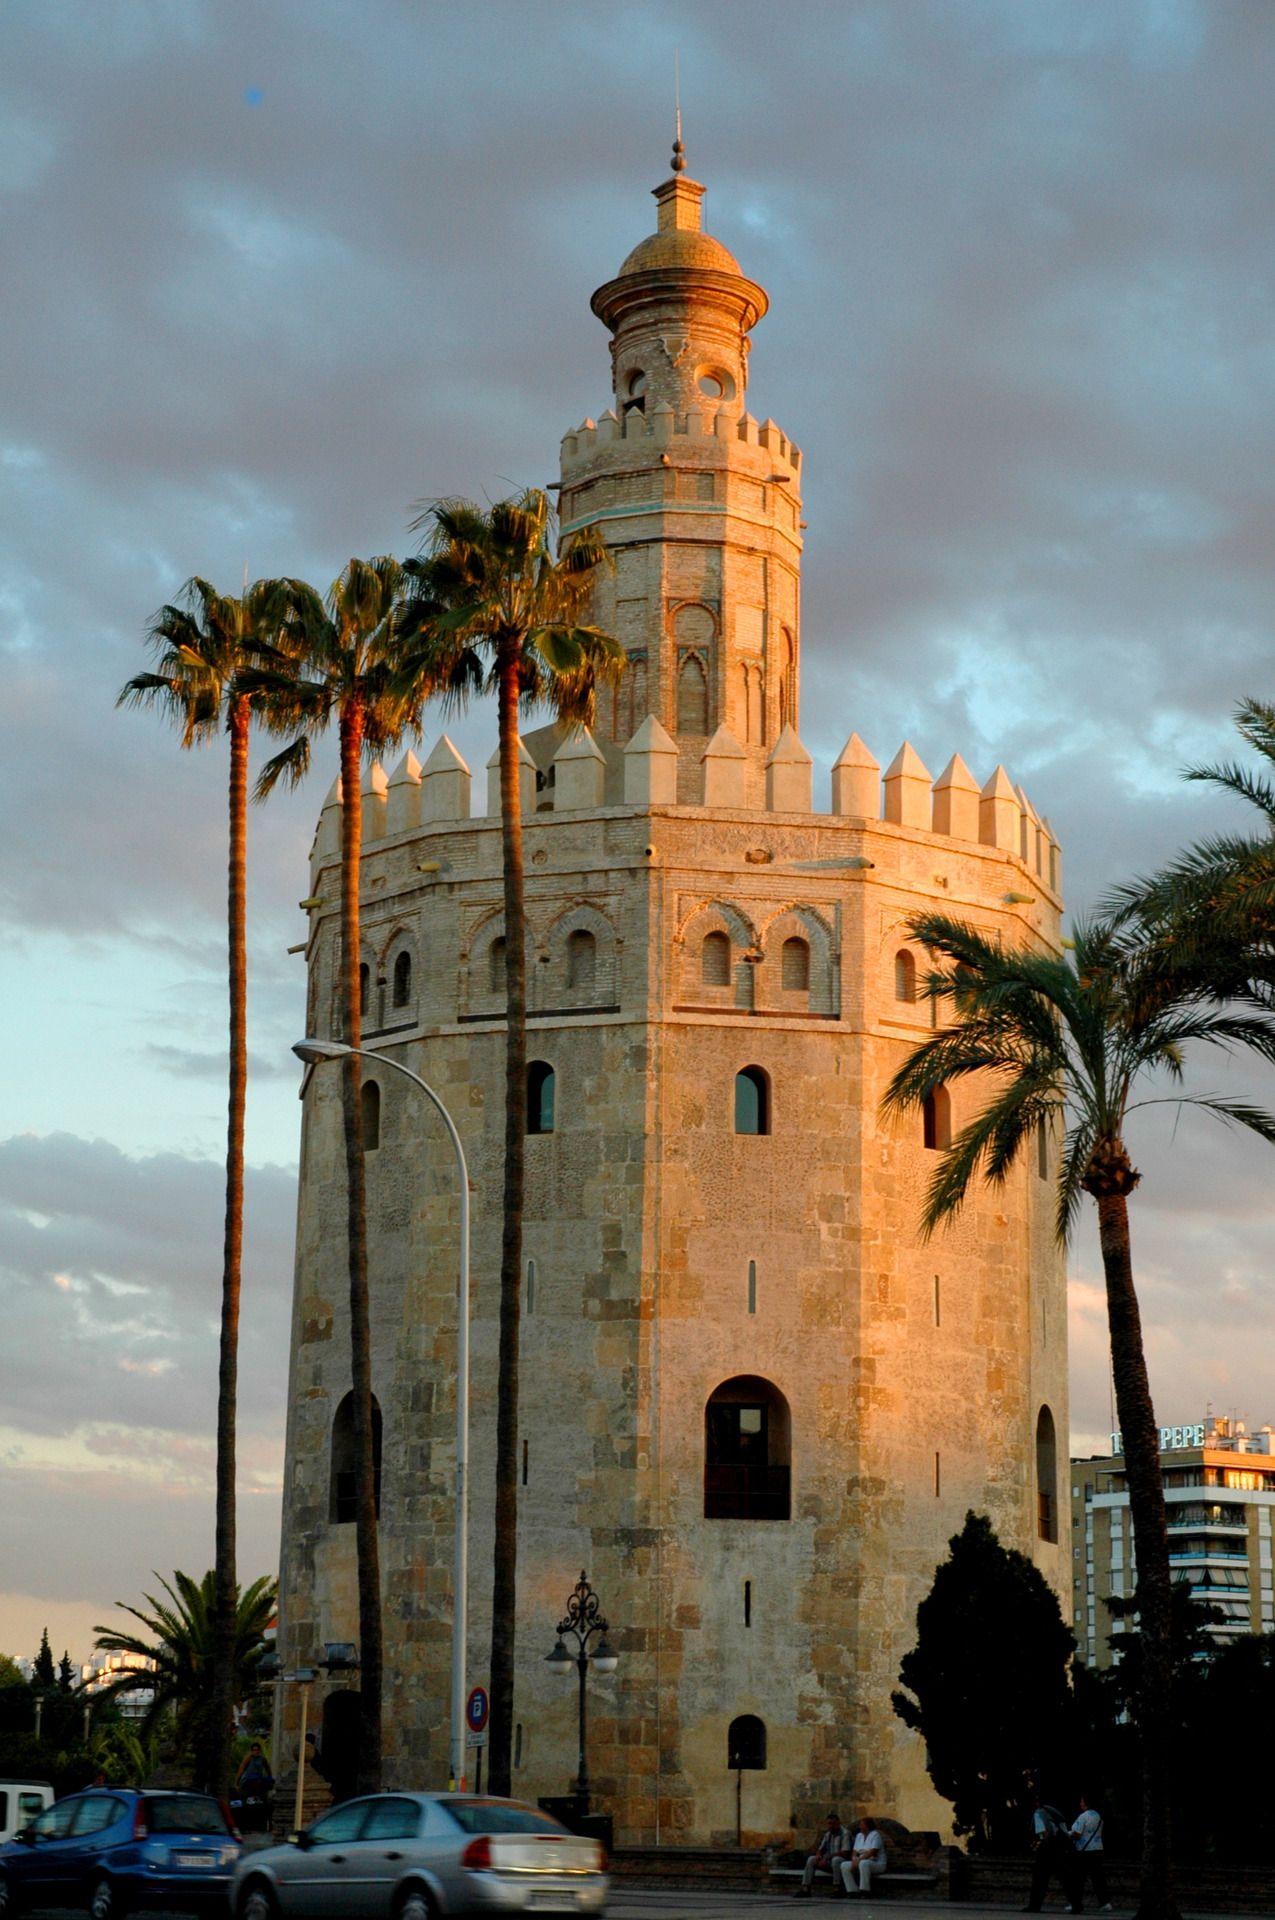 Image result for Torro del oro